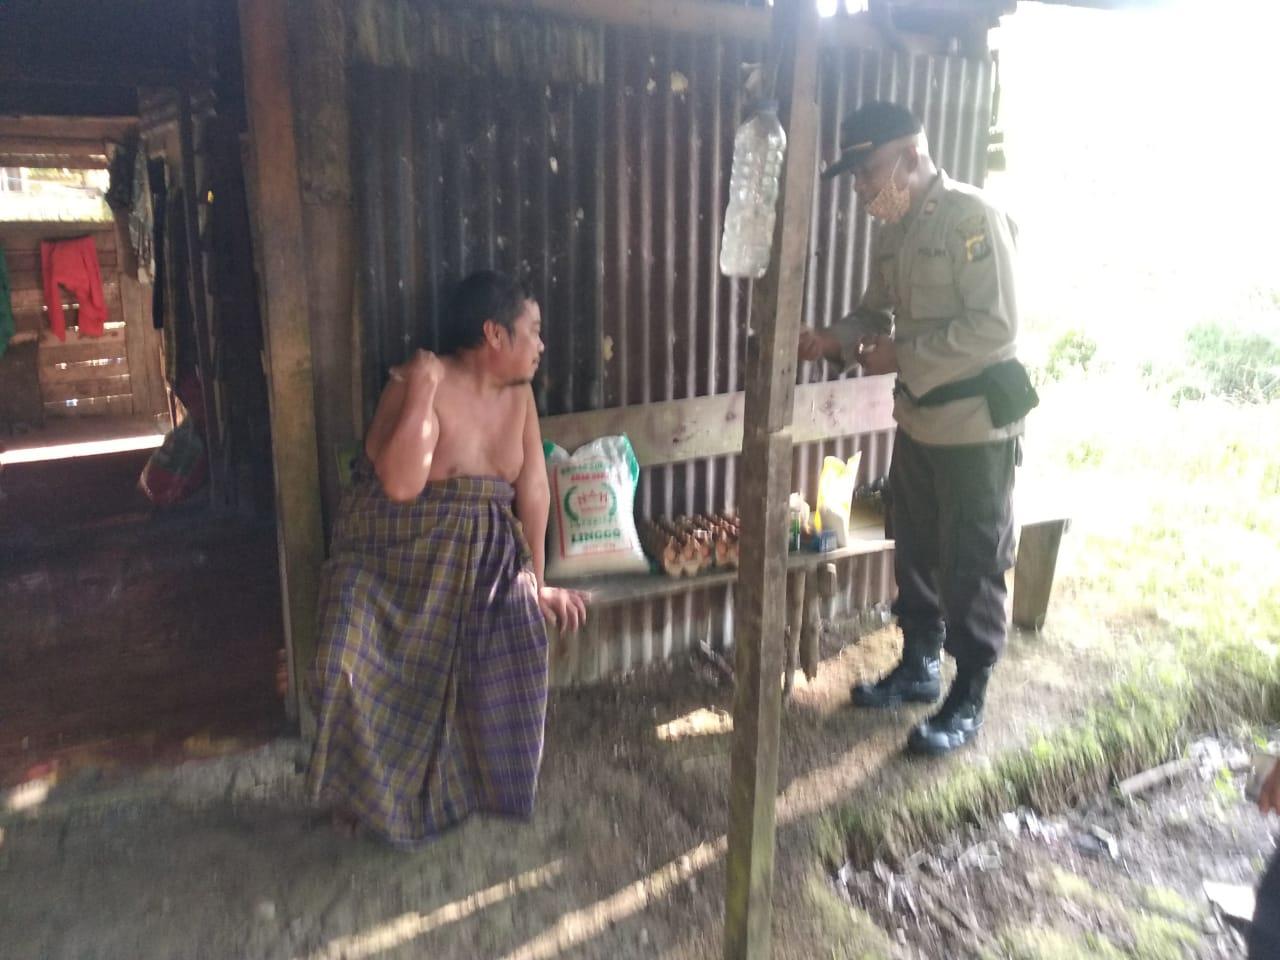 Kapolsek Tambang Kunjungi dan Bantu Seorang Pria Sakit-sakitan, Hidup Terpencil Sebatang Kara